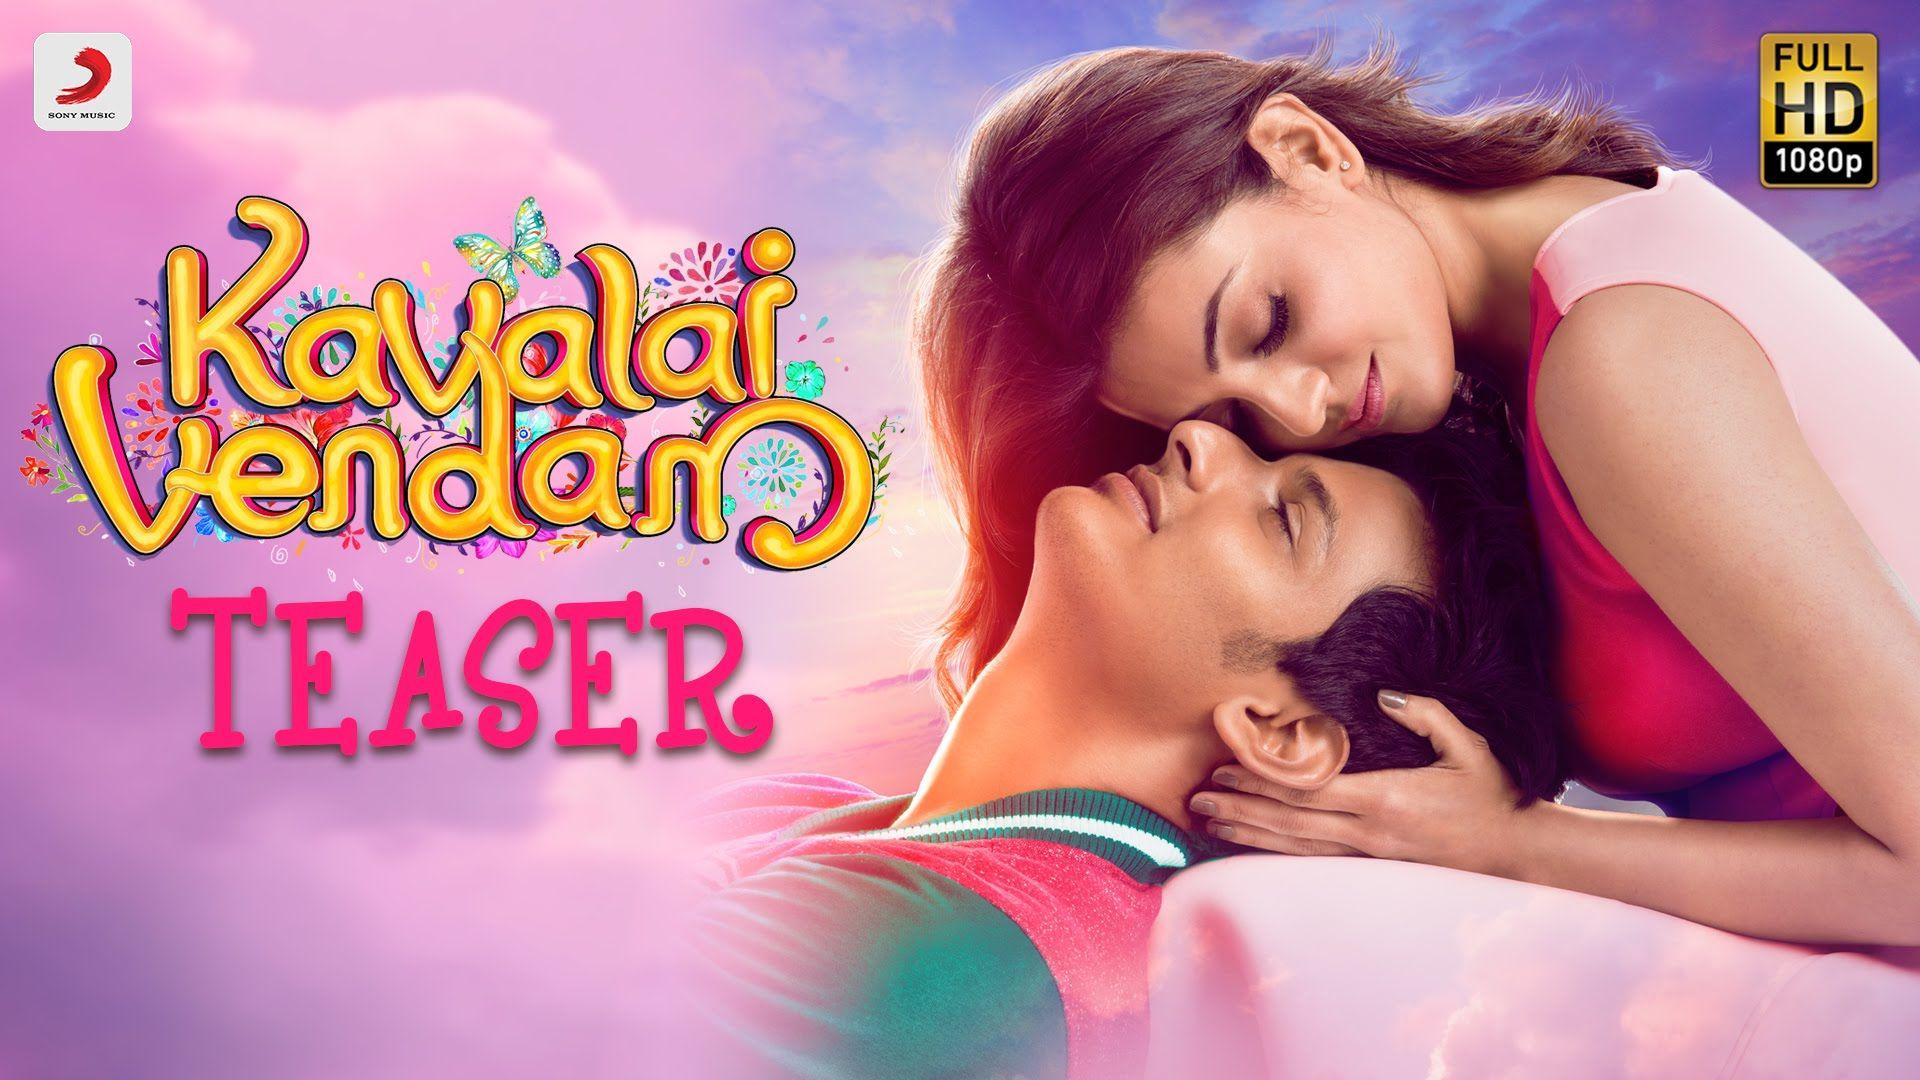 Ai Tamil Full Movie Hd 1080p Bricolocal